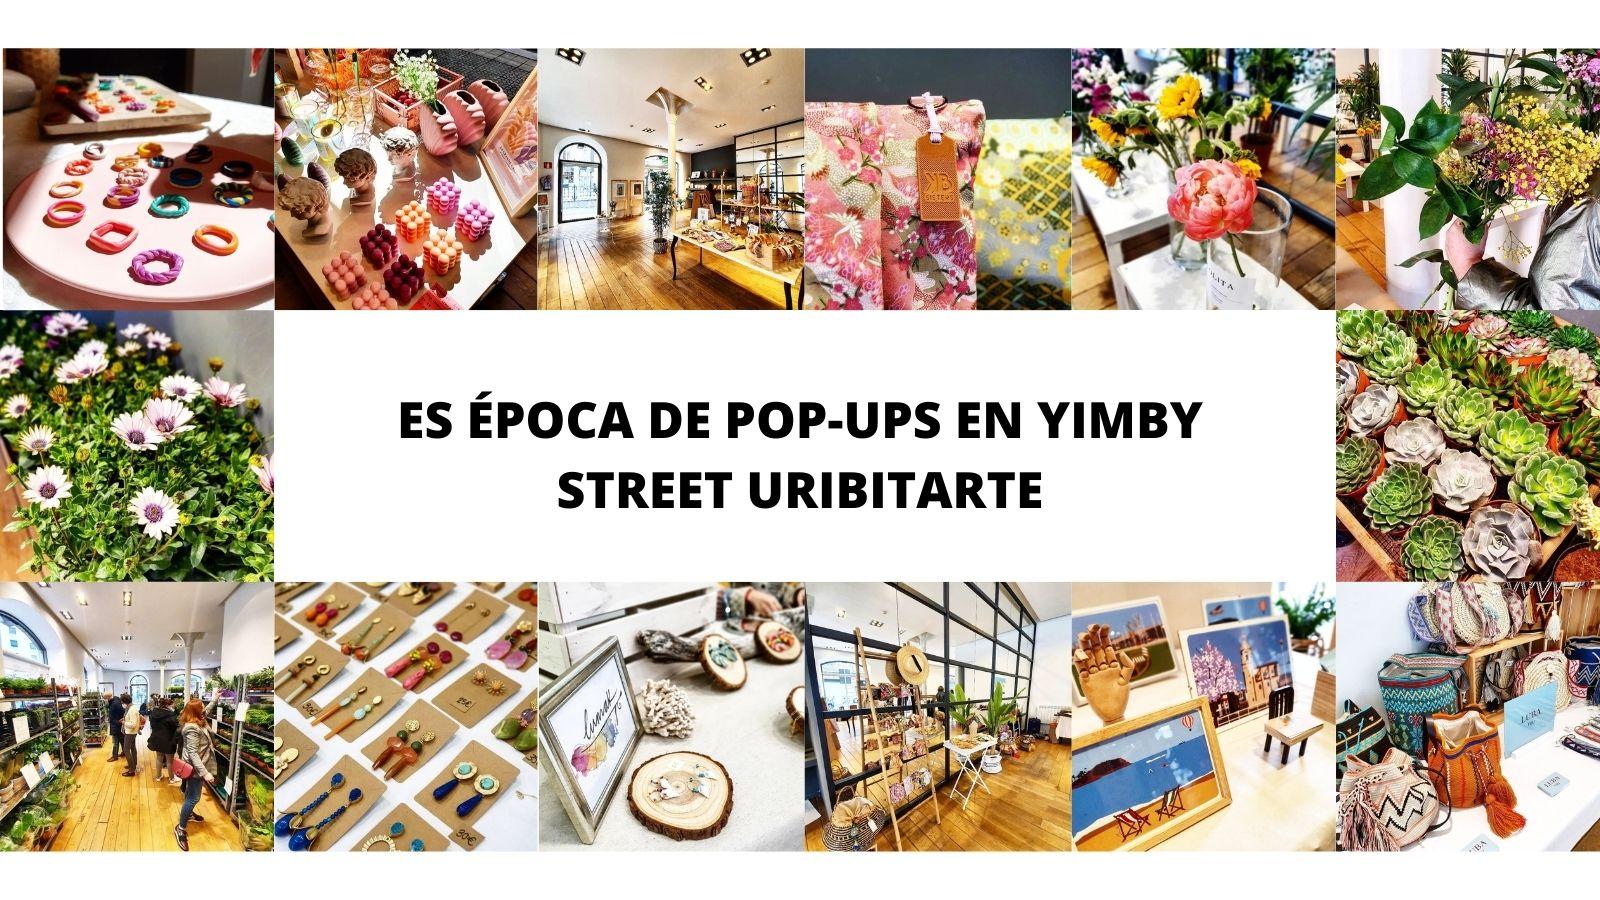 POP-UPS EN YIMBY STREET URIBITARTE